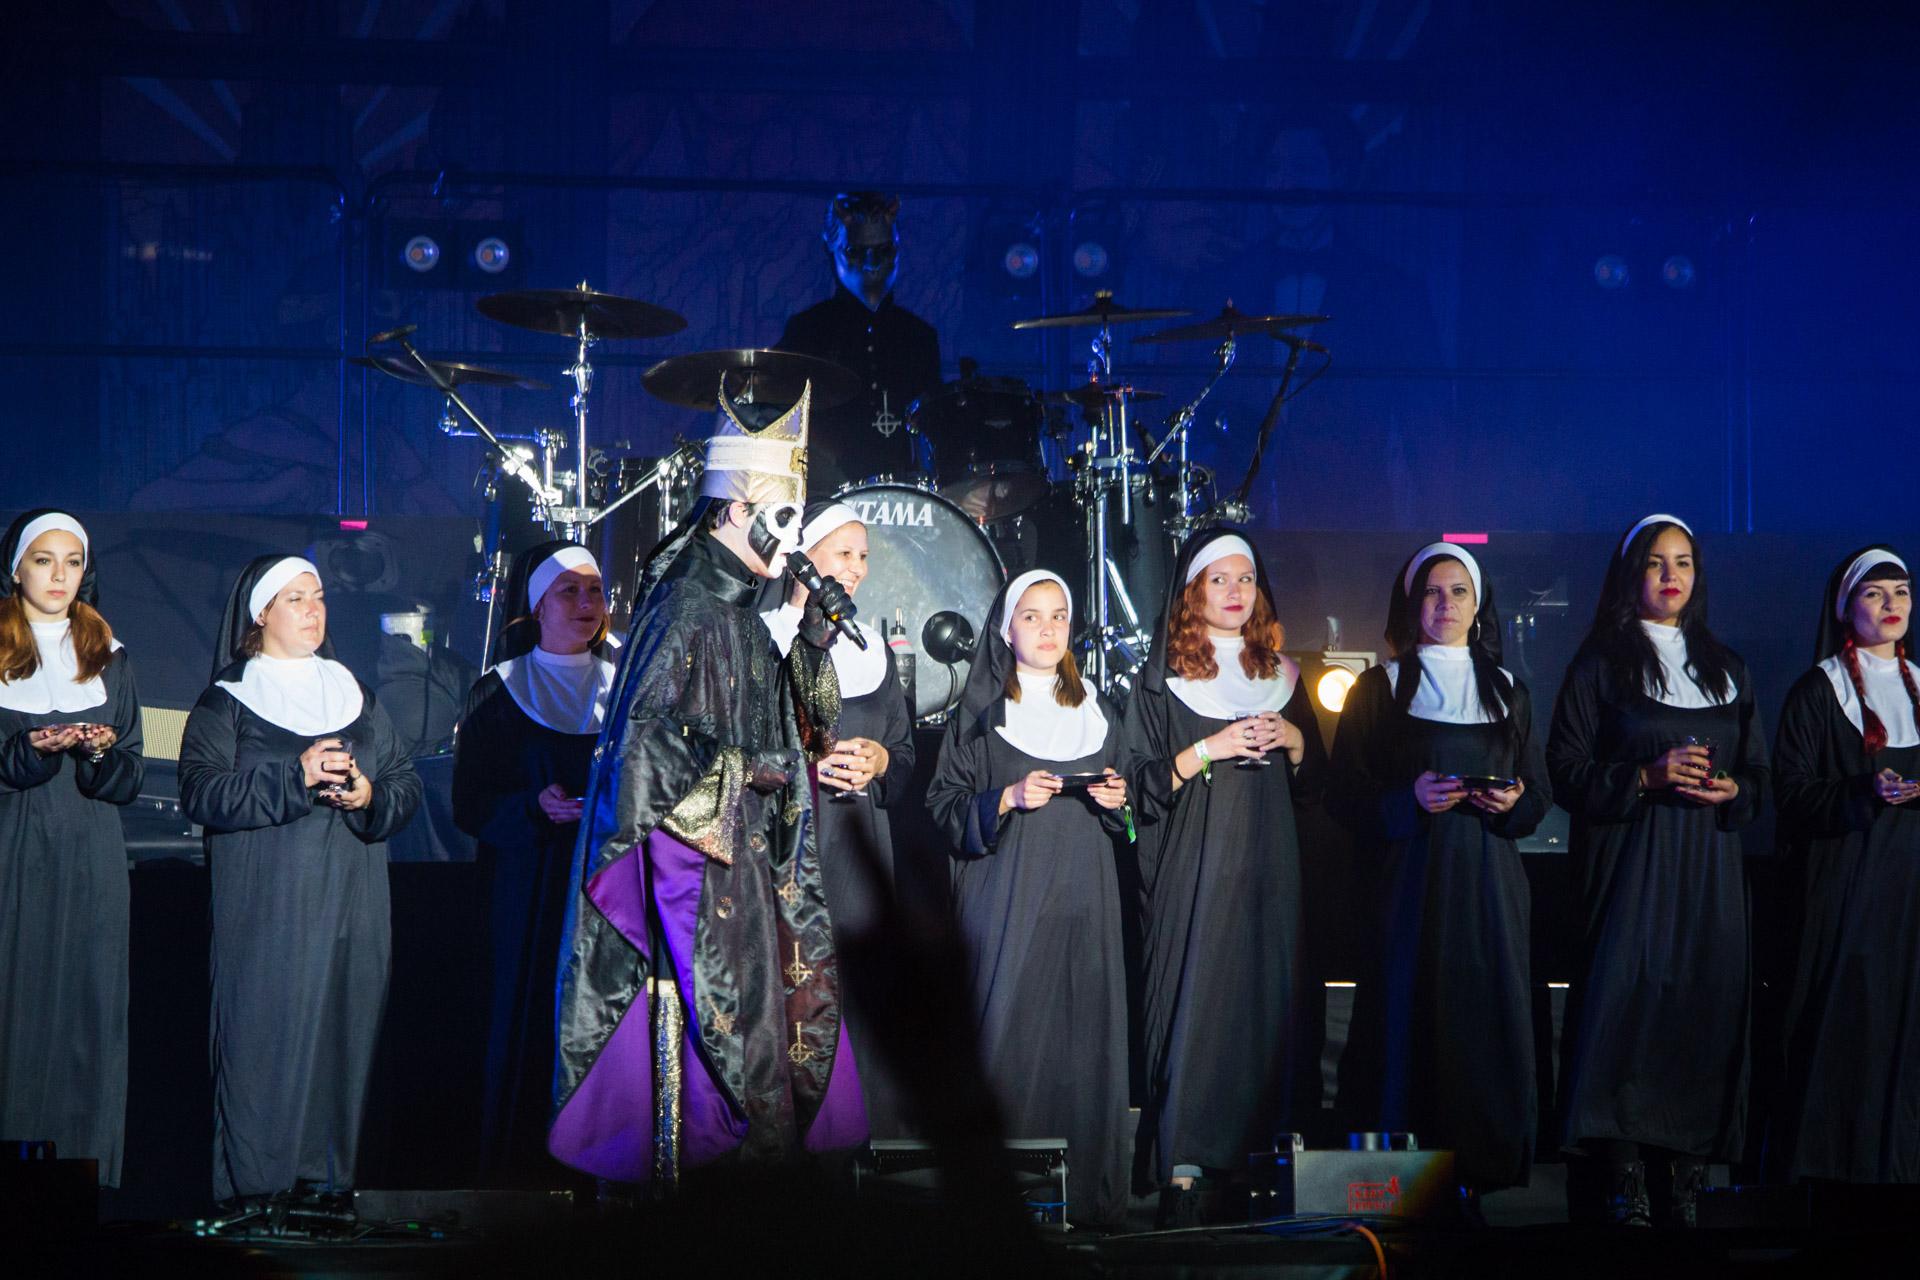 Ghost et les Sister of Sin au Hellfest le 19 juin 2016